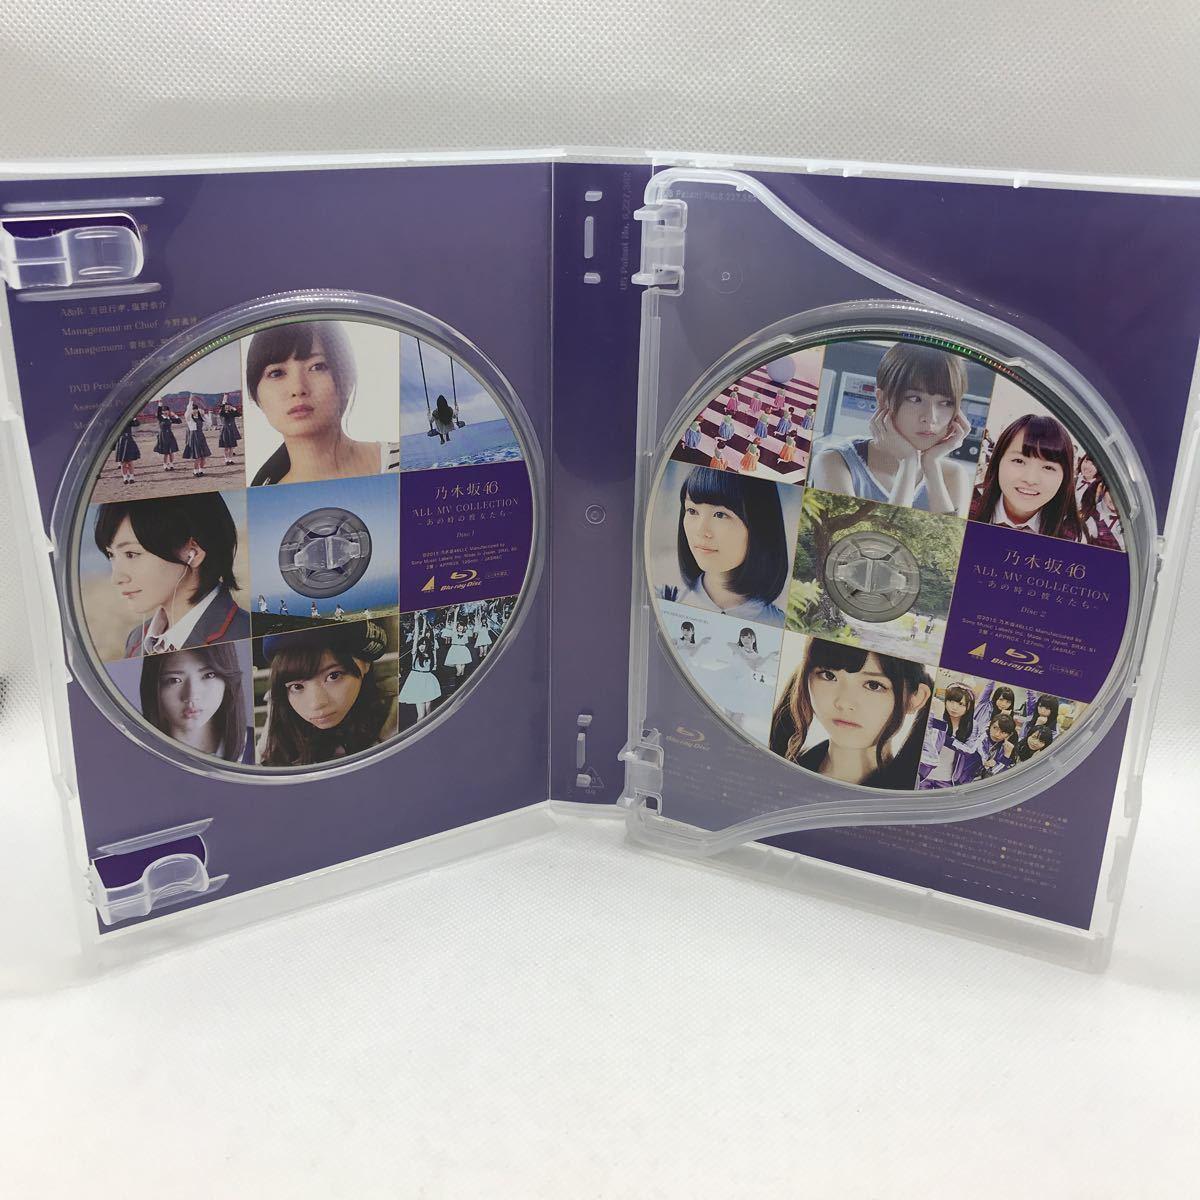 乃木坂46 ALL MV COLLECTION ~あの時の彼女たち~ 完全生産限定盤 Blu-ray 4枚組_画像3